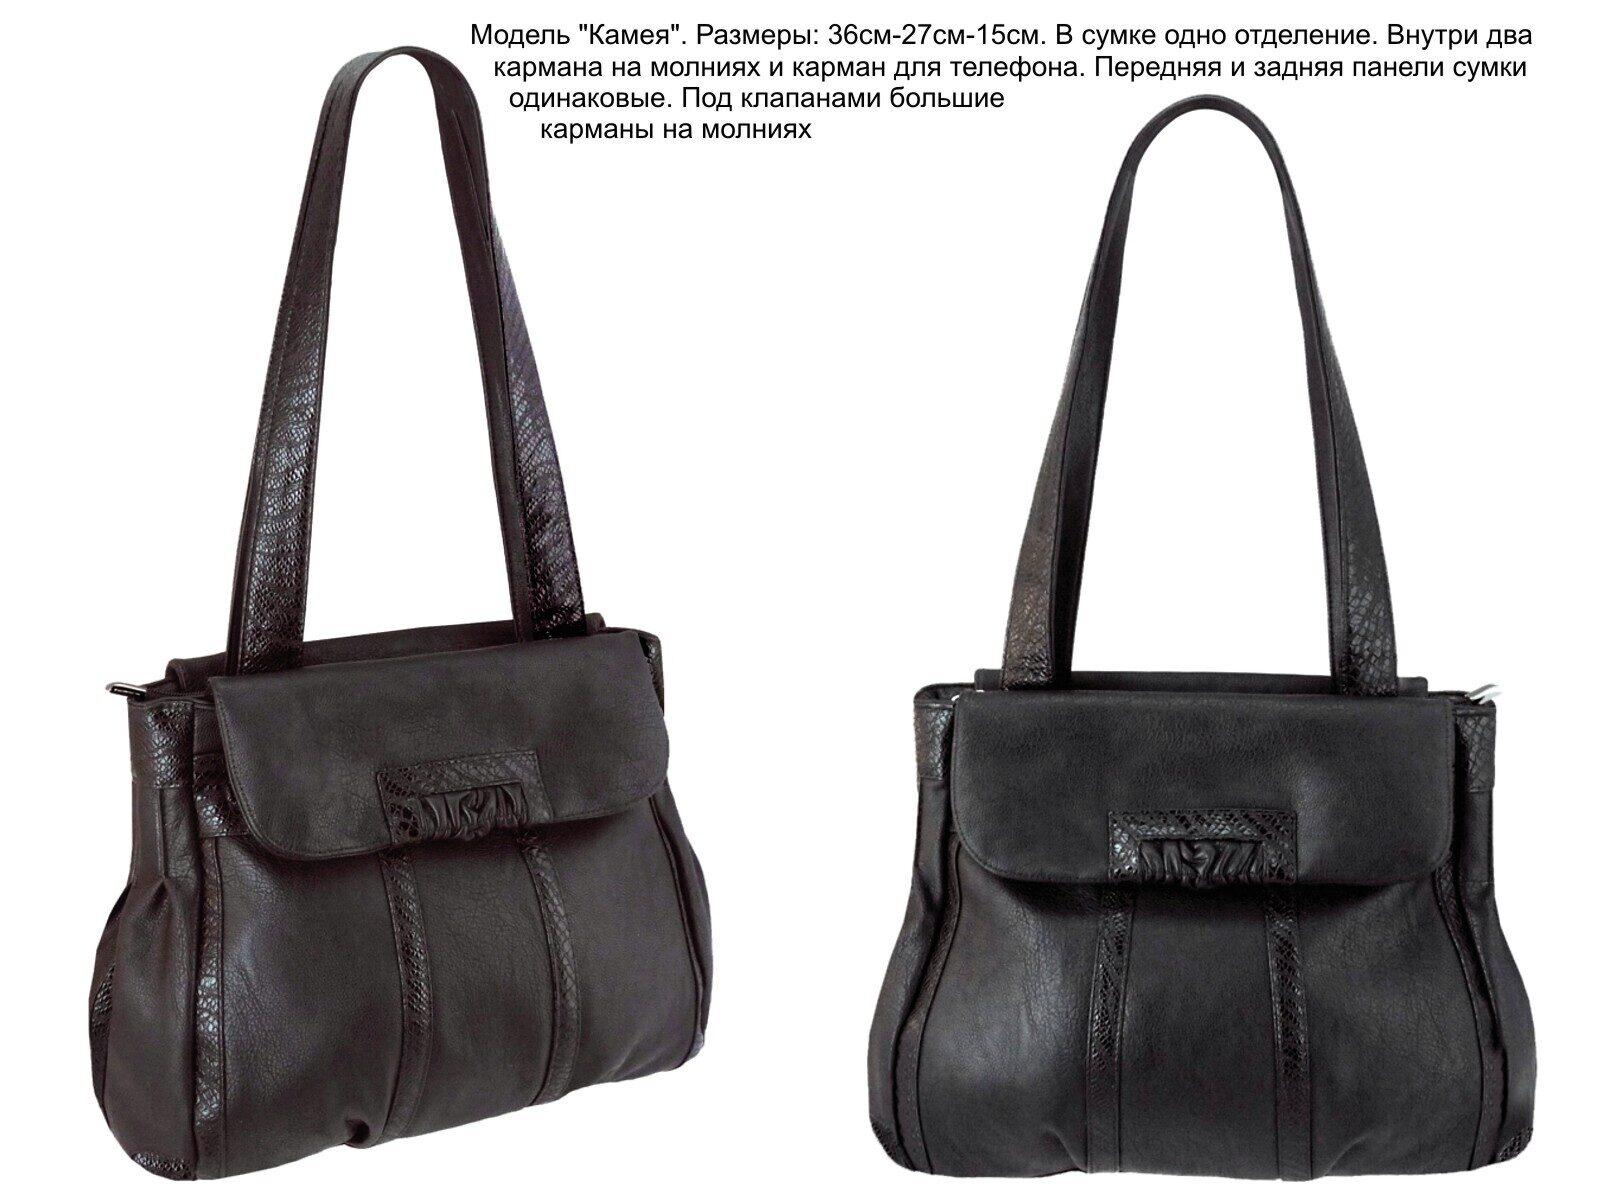 f936823f4376 Женская сумка